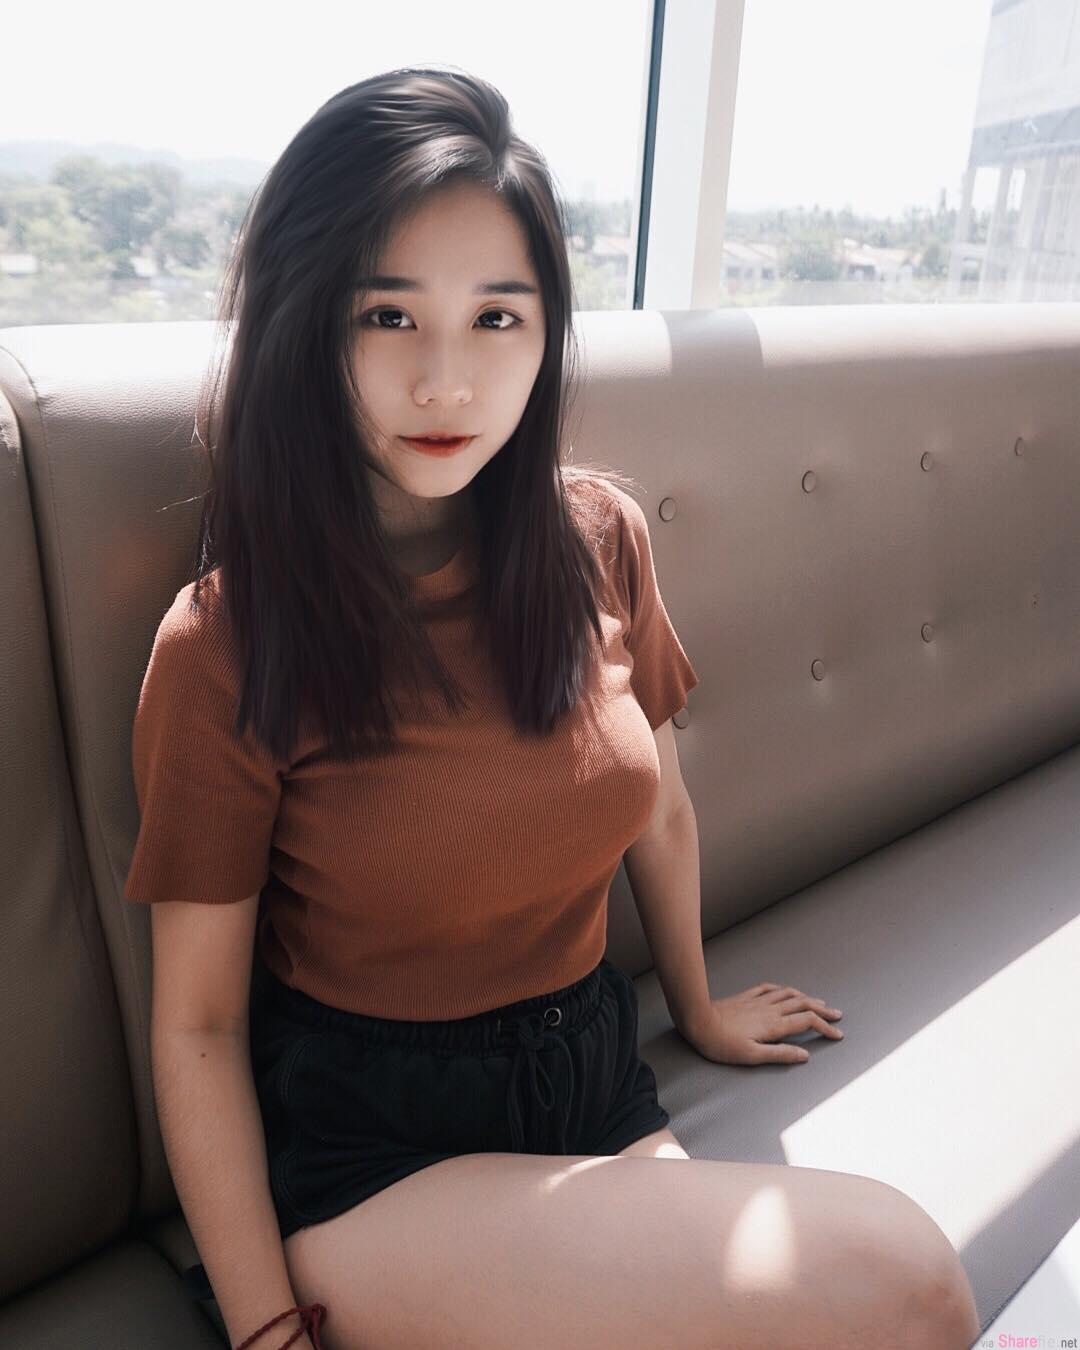 大马正妹CL,甜美与性感曲线完美结合